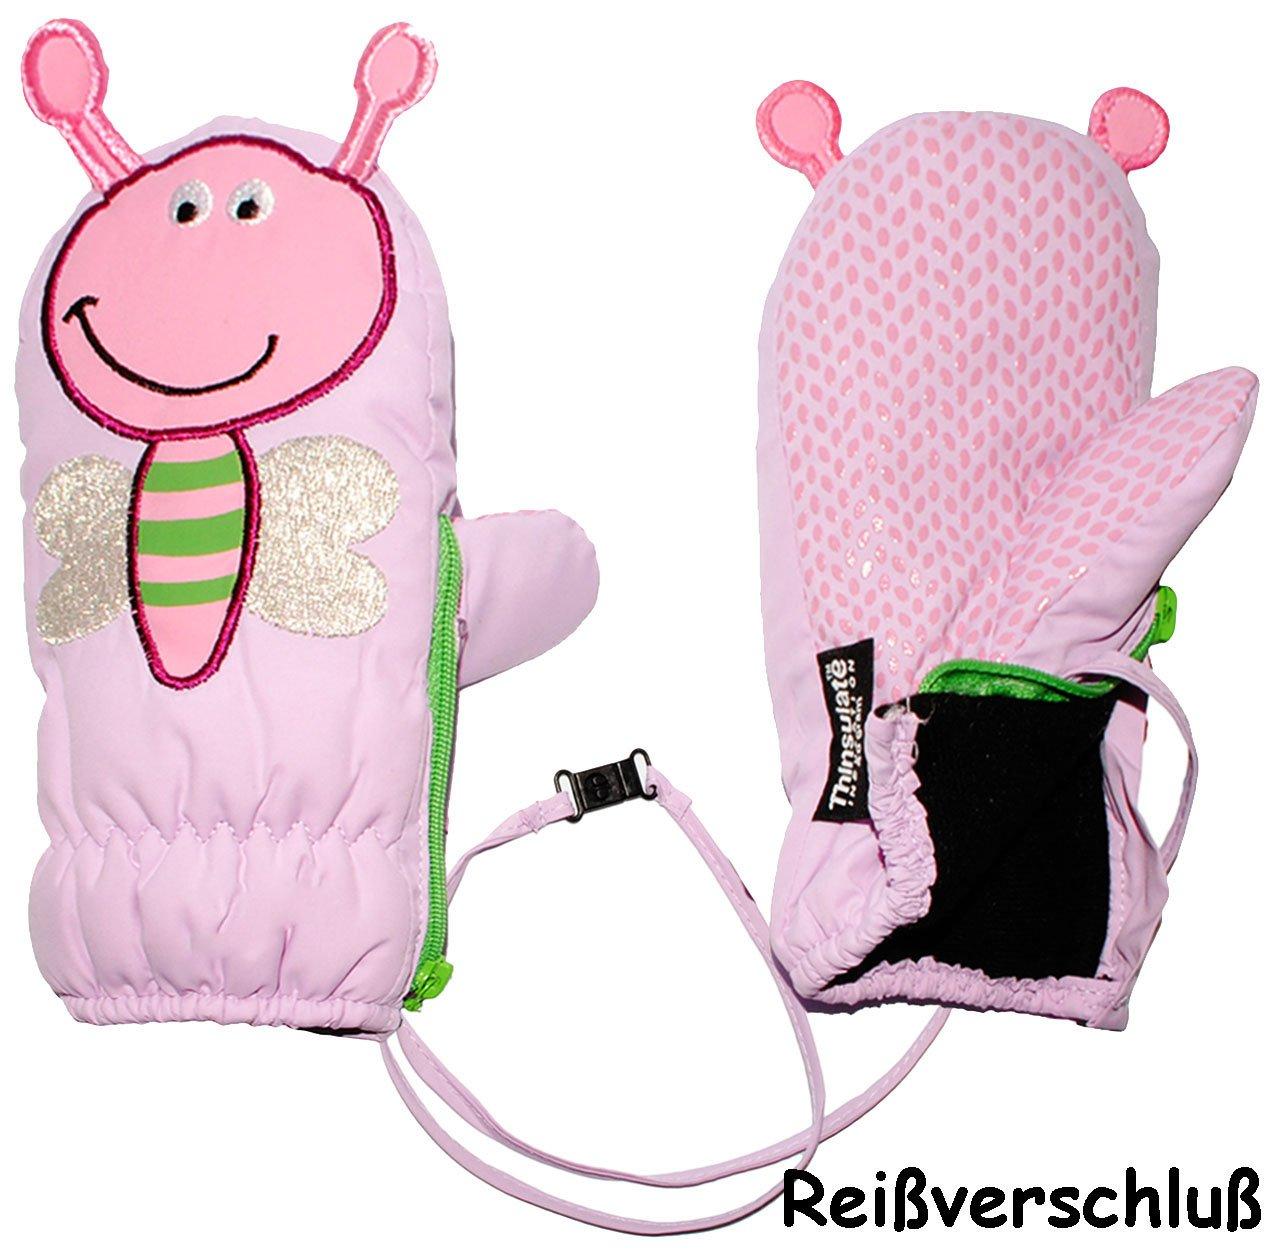 alles-meine.de GmbH Fausthandschuhe - mit Reißverschluß & langem Schaft - Gr. 9 Monate bis 12 Monate - Schmetterling 3-D Effekt - lila - LEICHT anzuziehen ! mit Daumen - Ther..